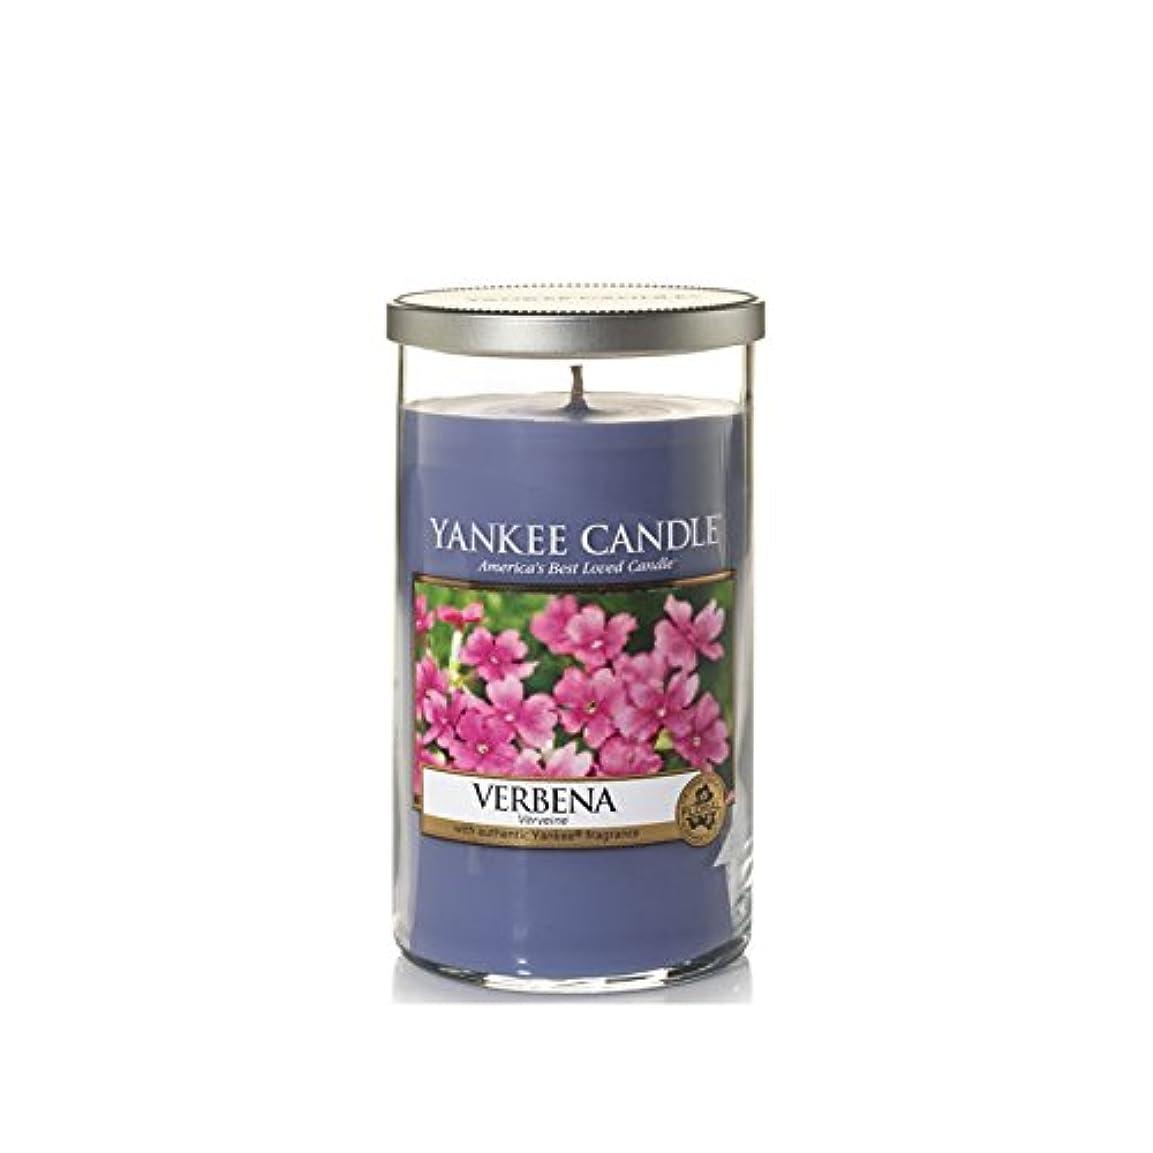 急降下粉砕する覗くYankee Candles Medium Pillar Candle - Verbena (Pack of 2) - ヤンキーキャンドルメディアピラーキャンドル - バーベナ (x2) [並行輸入品]